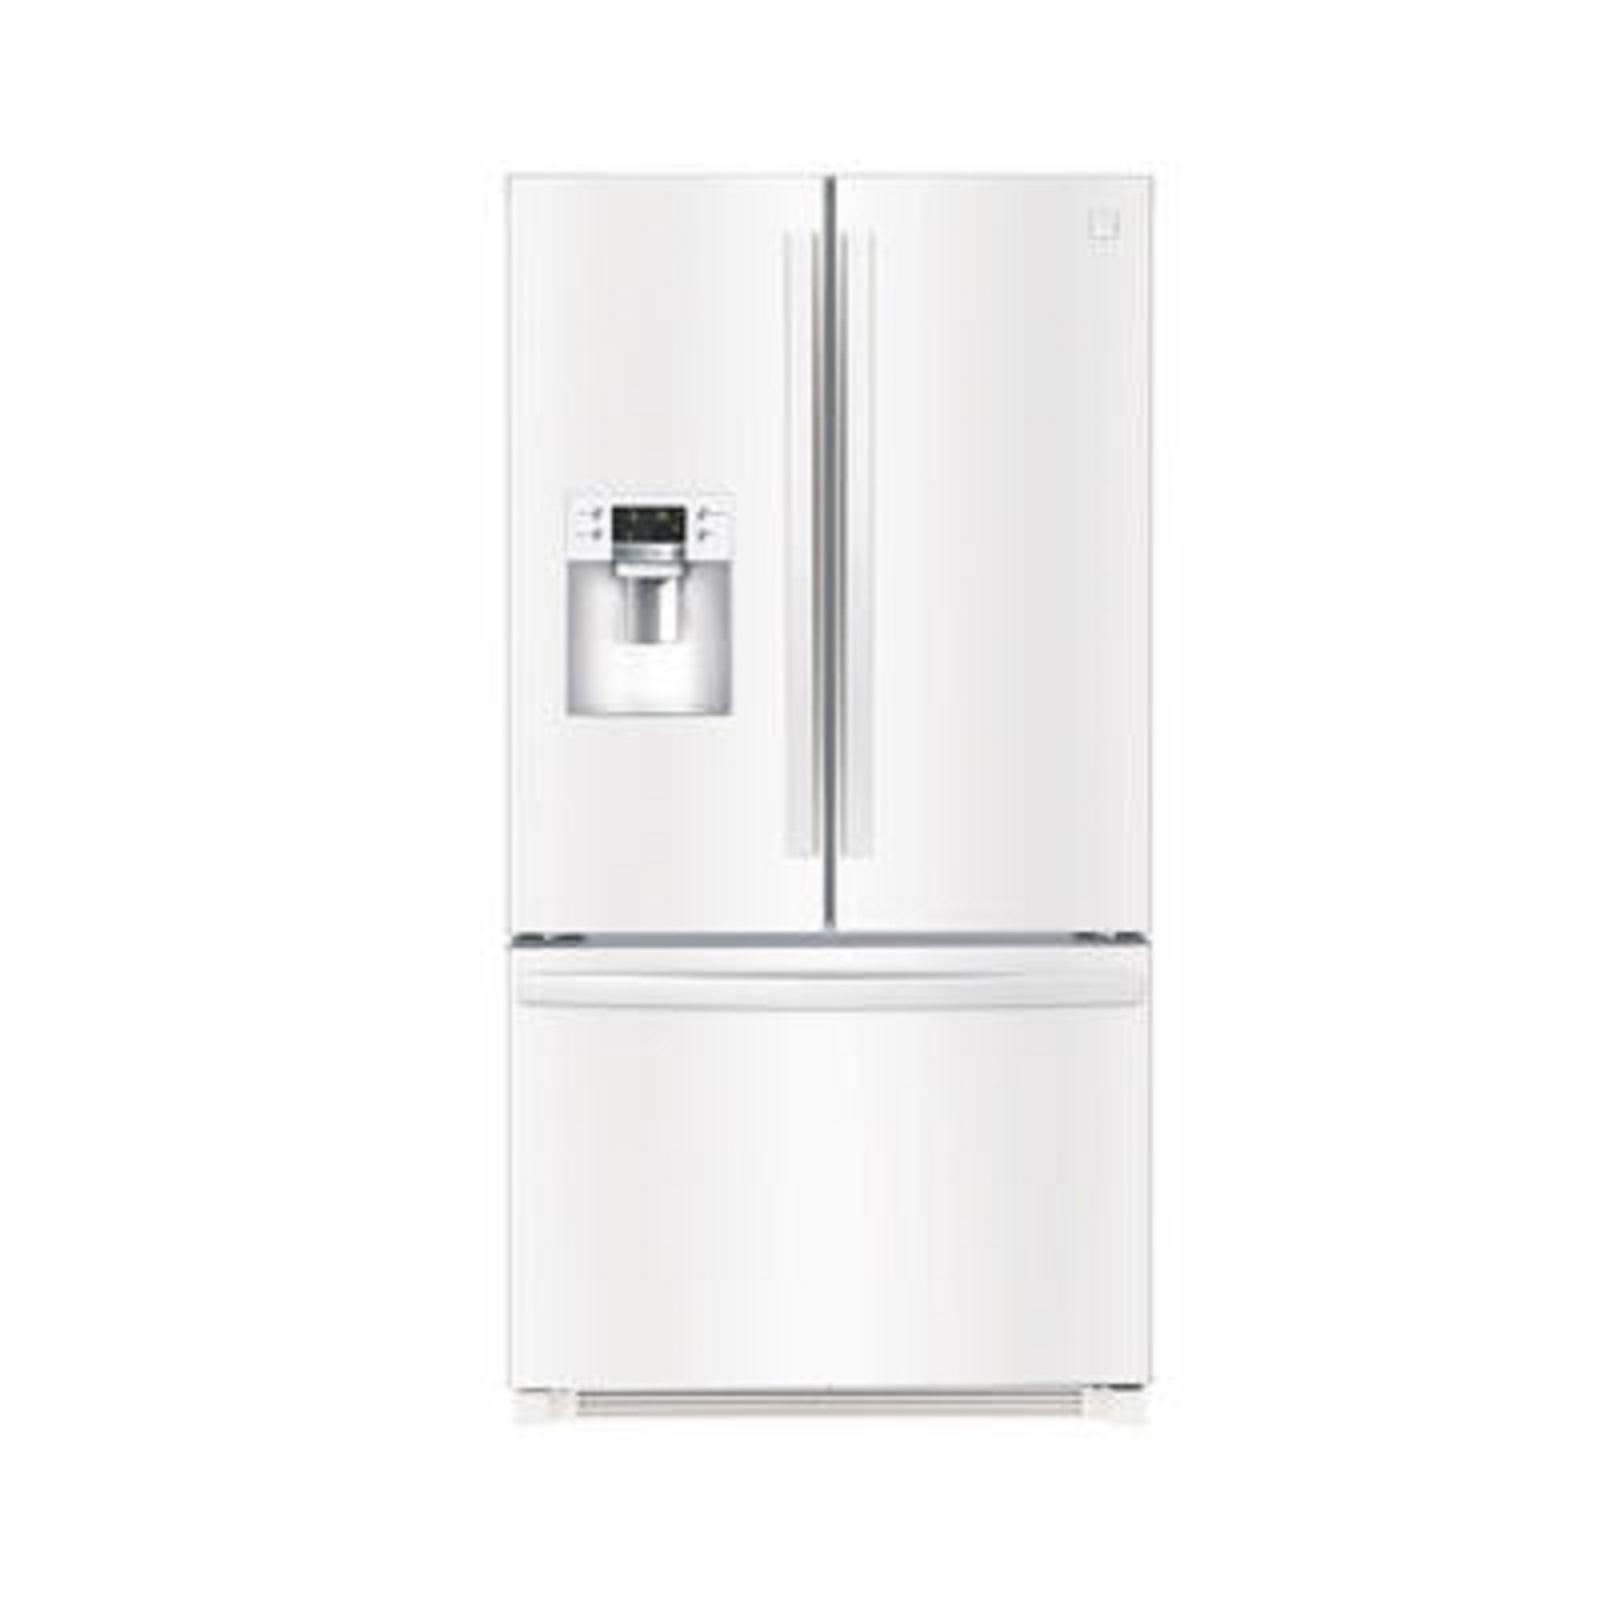 Kenmore 73042 25 6 Cu Ft French Door Refrigerator W